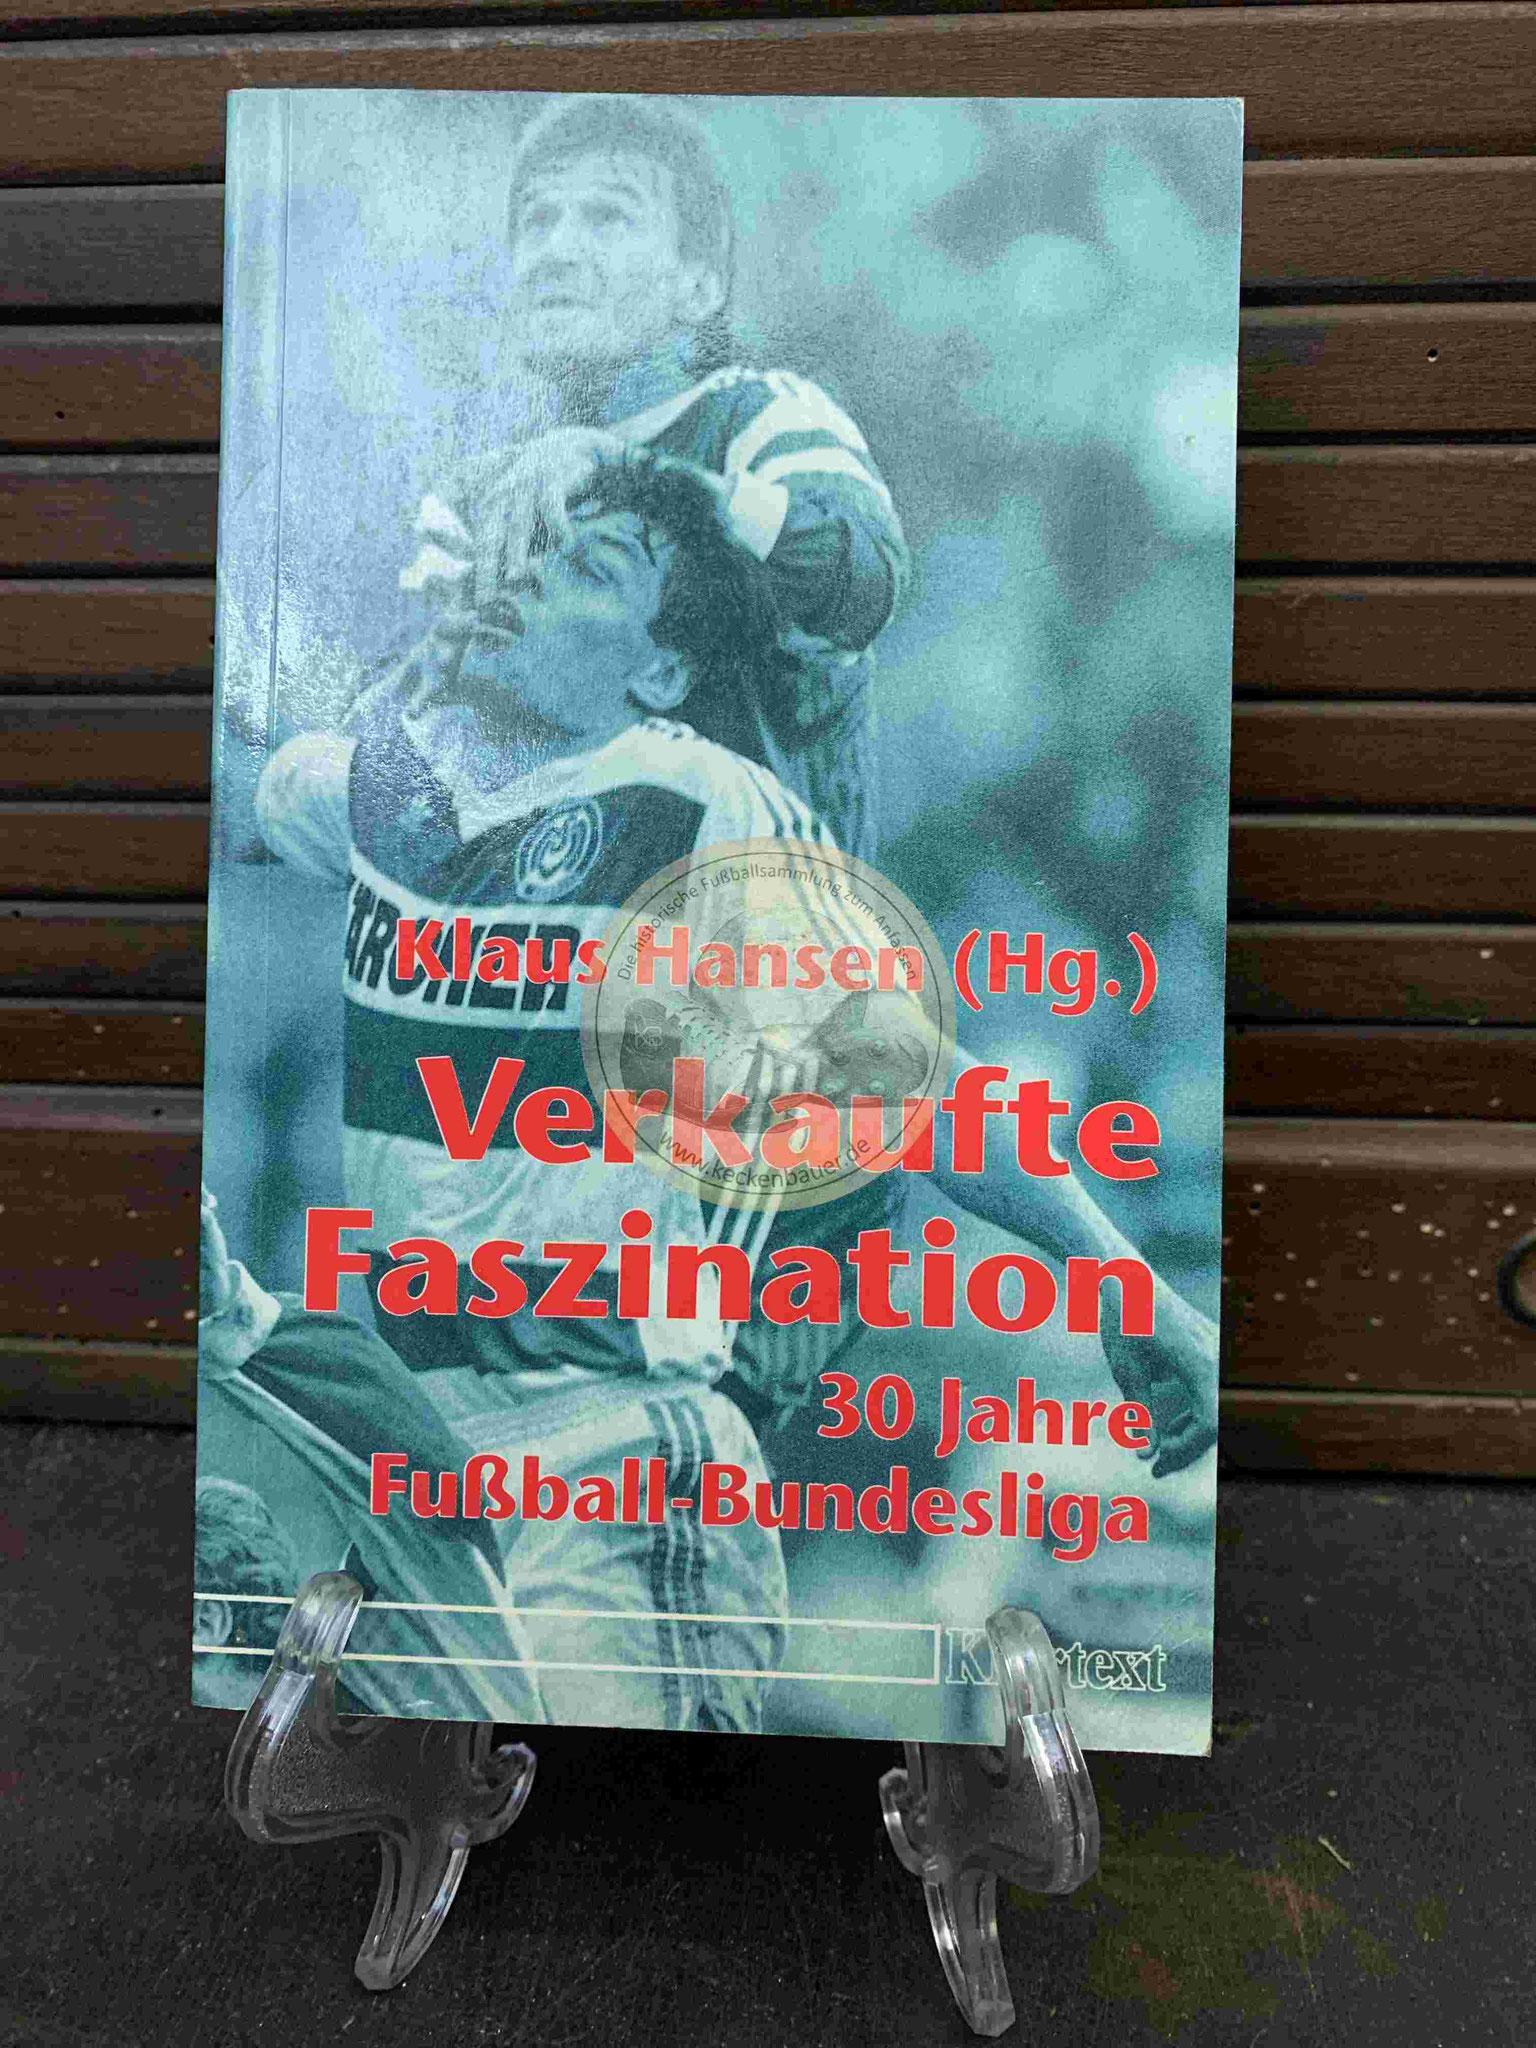 Klaus Hansen Verkaufte Faszination 30 Jahre Fußball Bundesliga aus dem Jahr 1993